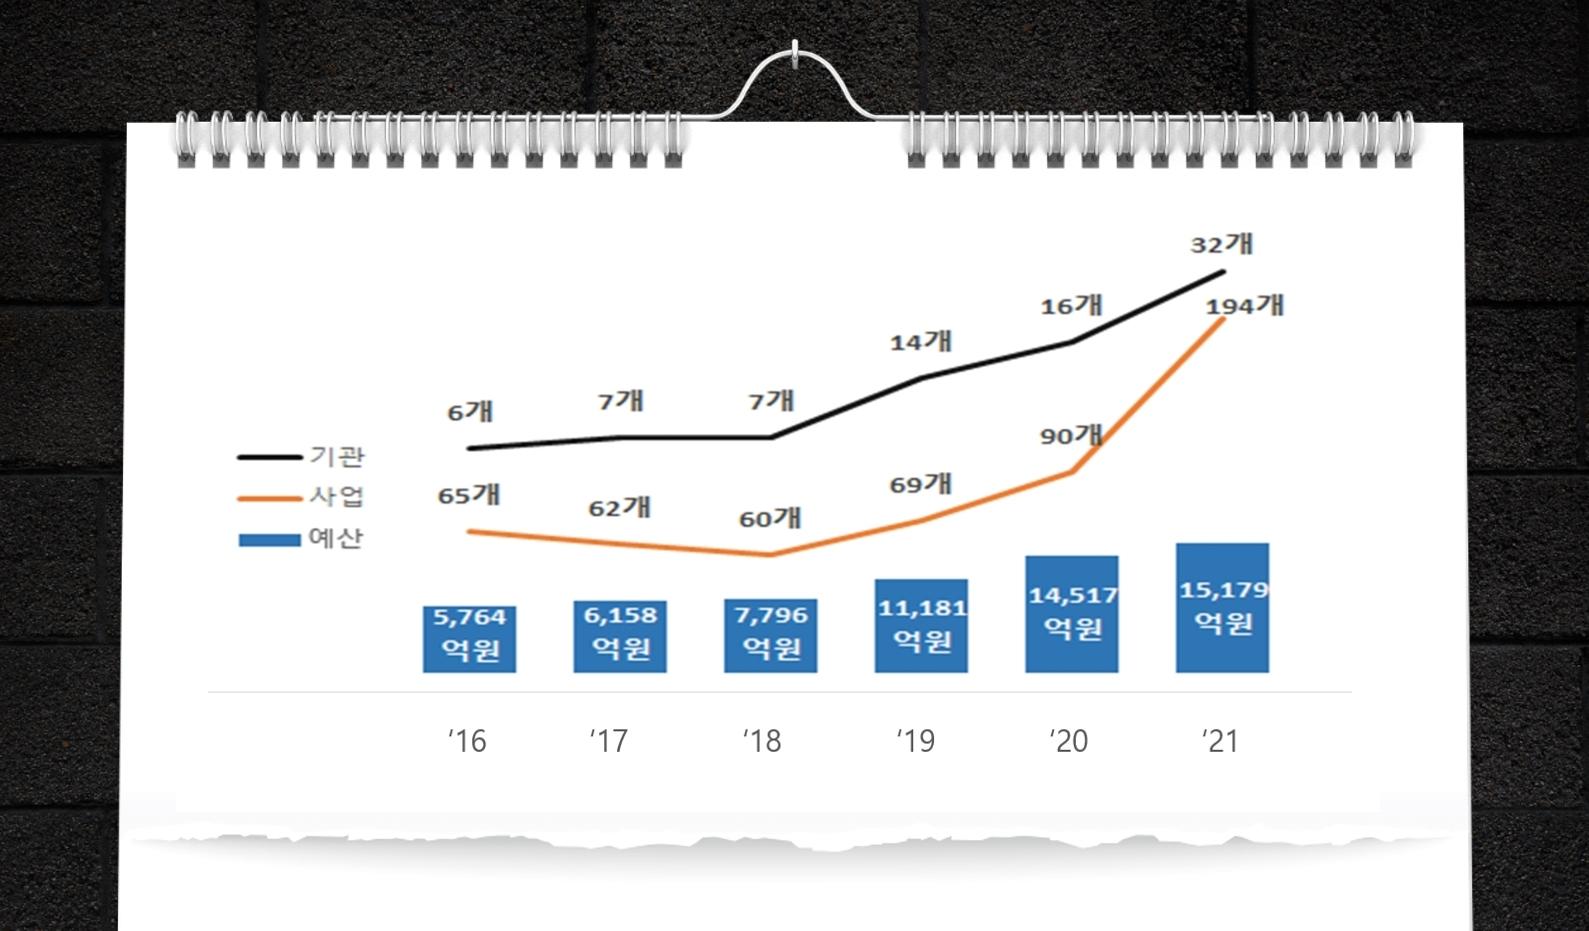 창업정책 예산(출처 : 중소기업벤처부 '21년 정부창업정책 현황)